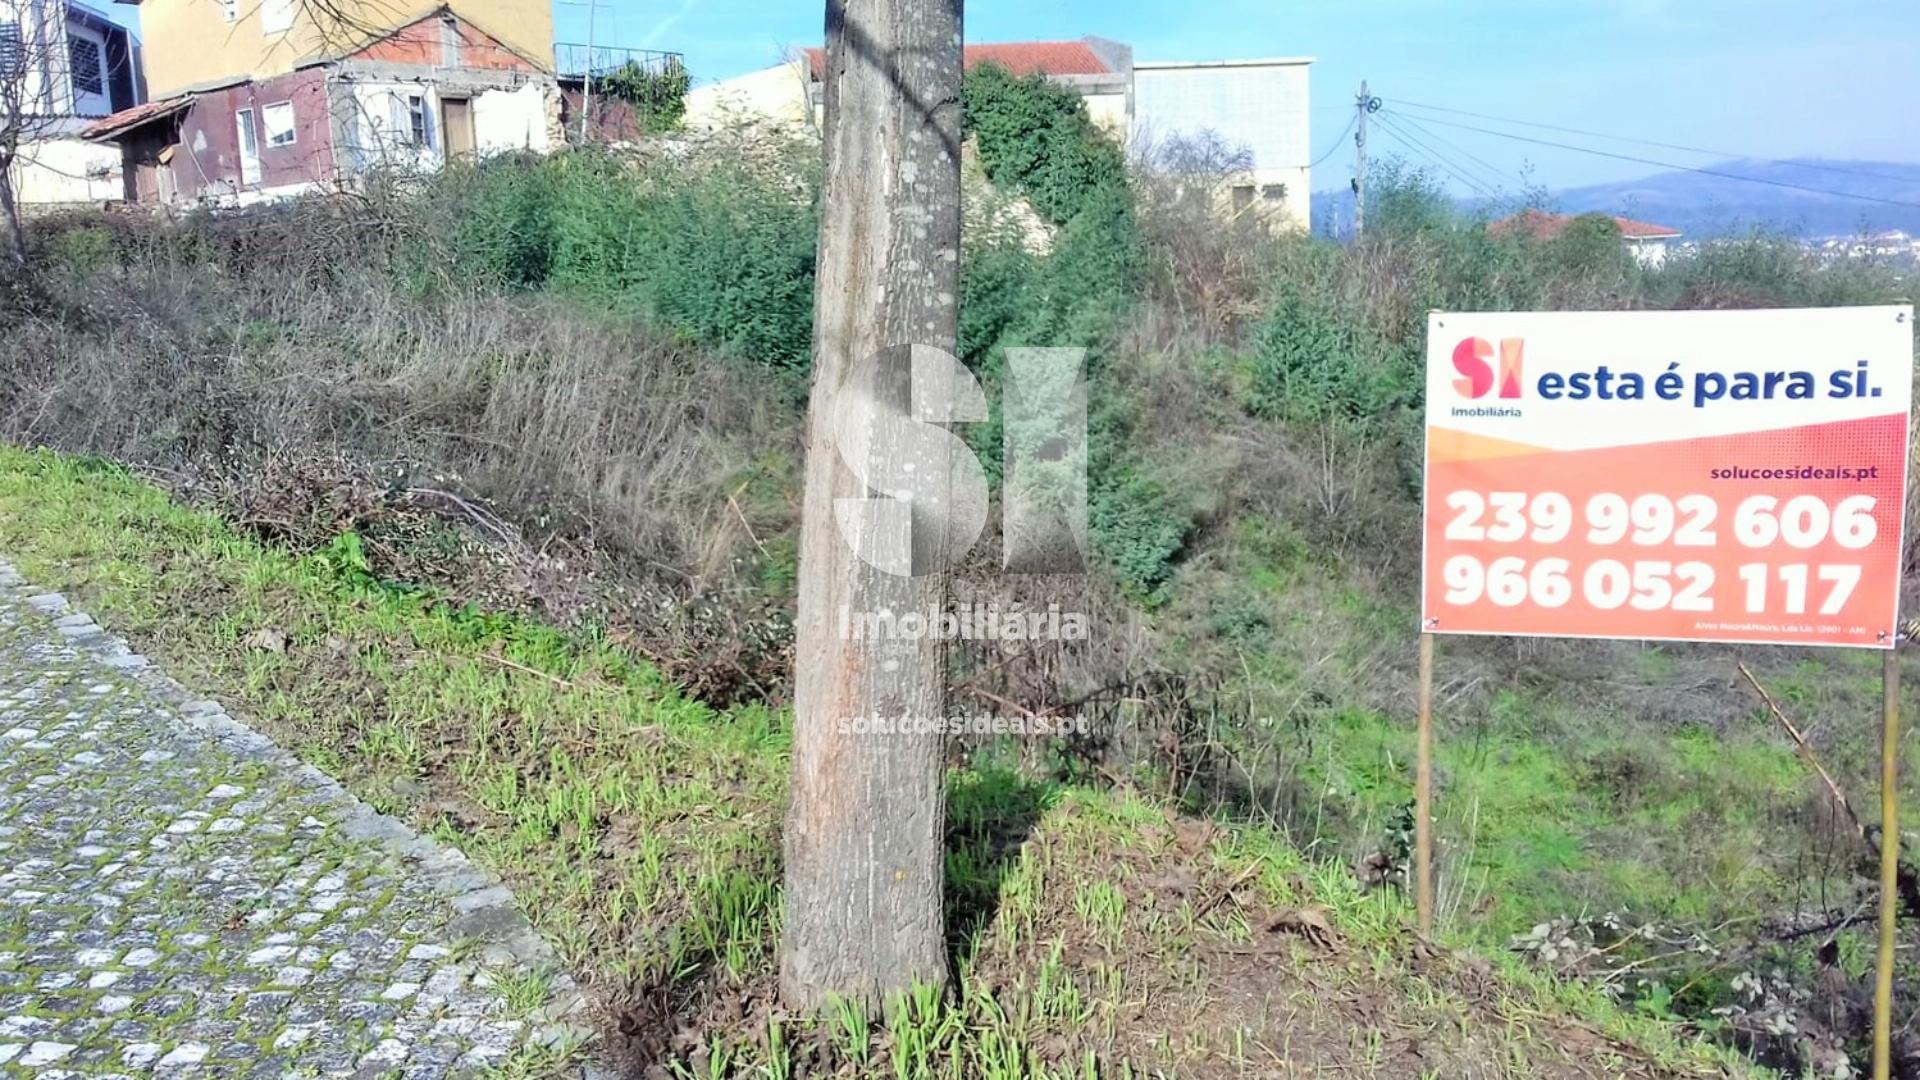 terreno para compra em vila nova de poiares poiares santo andre poiares LSATR312